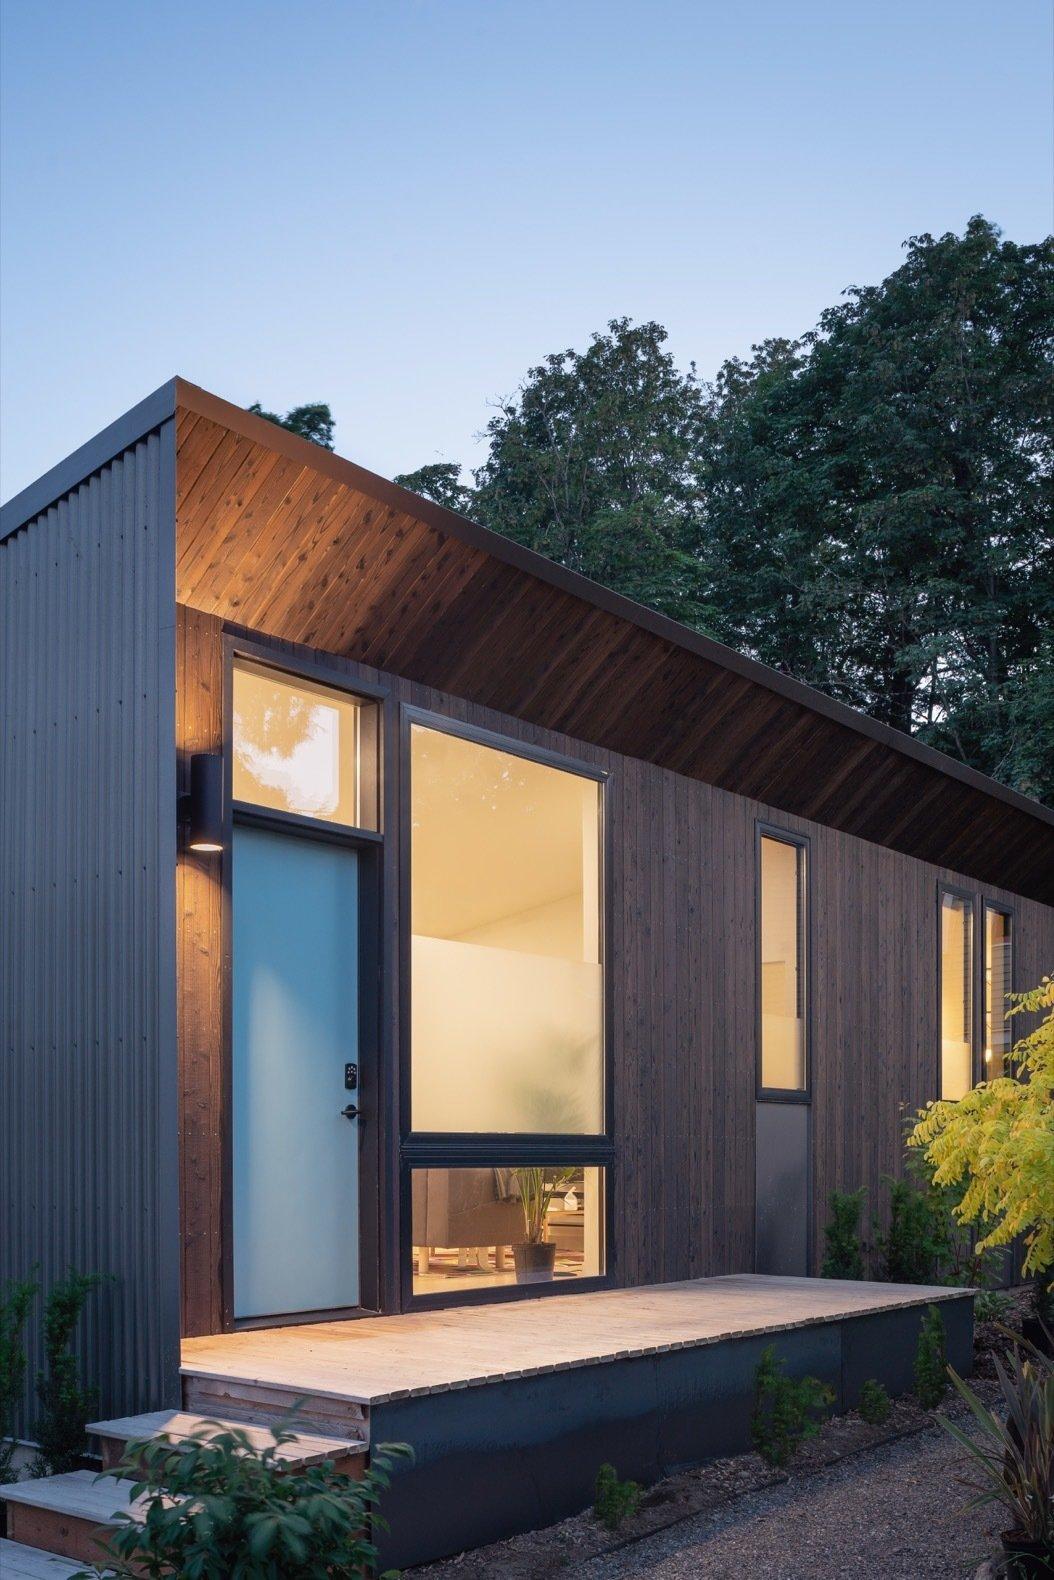 Solar Studio prefab roof overhang